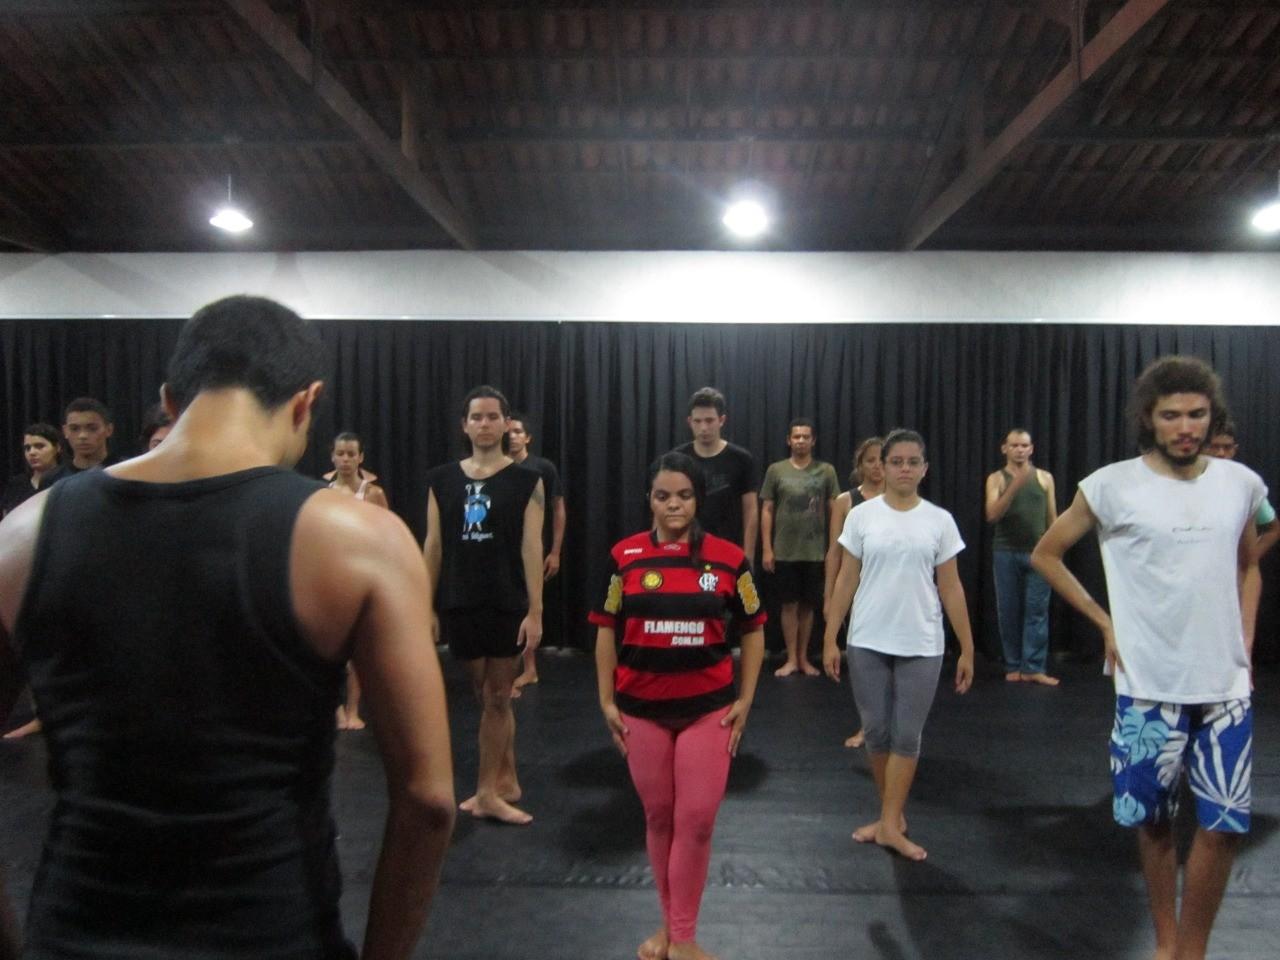 Sesc de Piracicaba promove oficina de dança, foto e identidade para jovens - Notícias - Plantão Diário